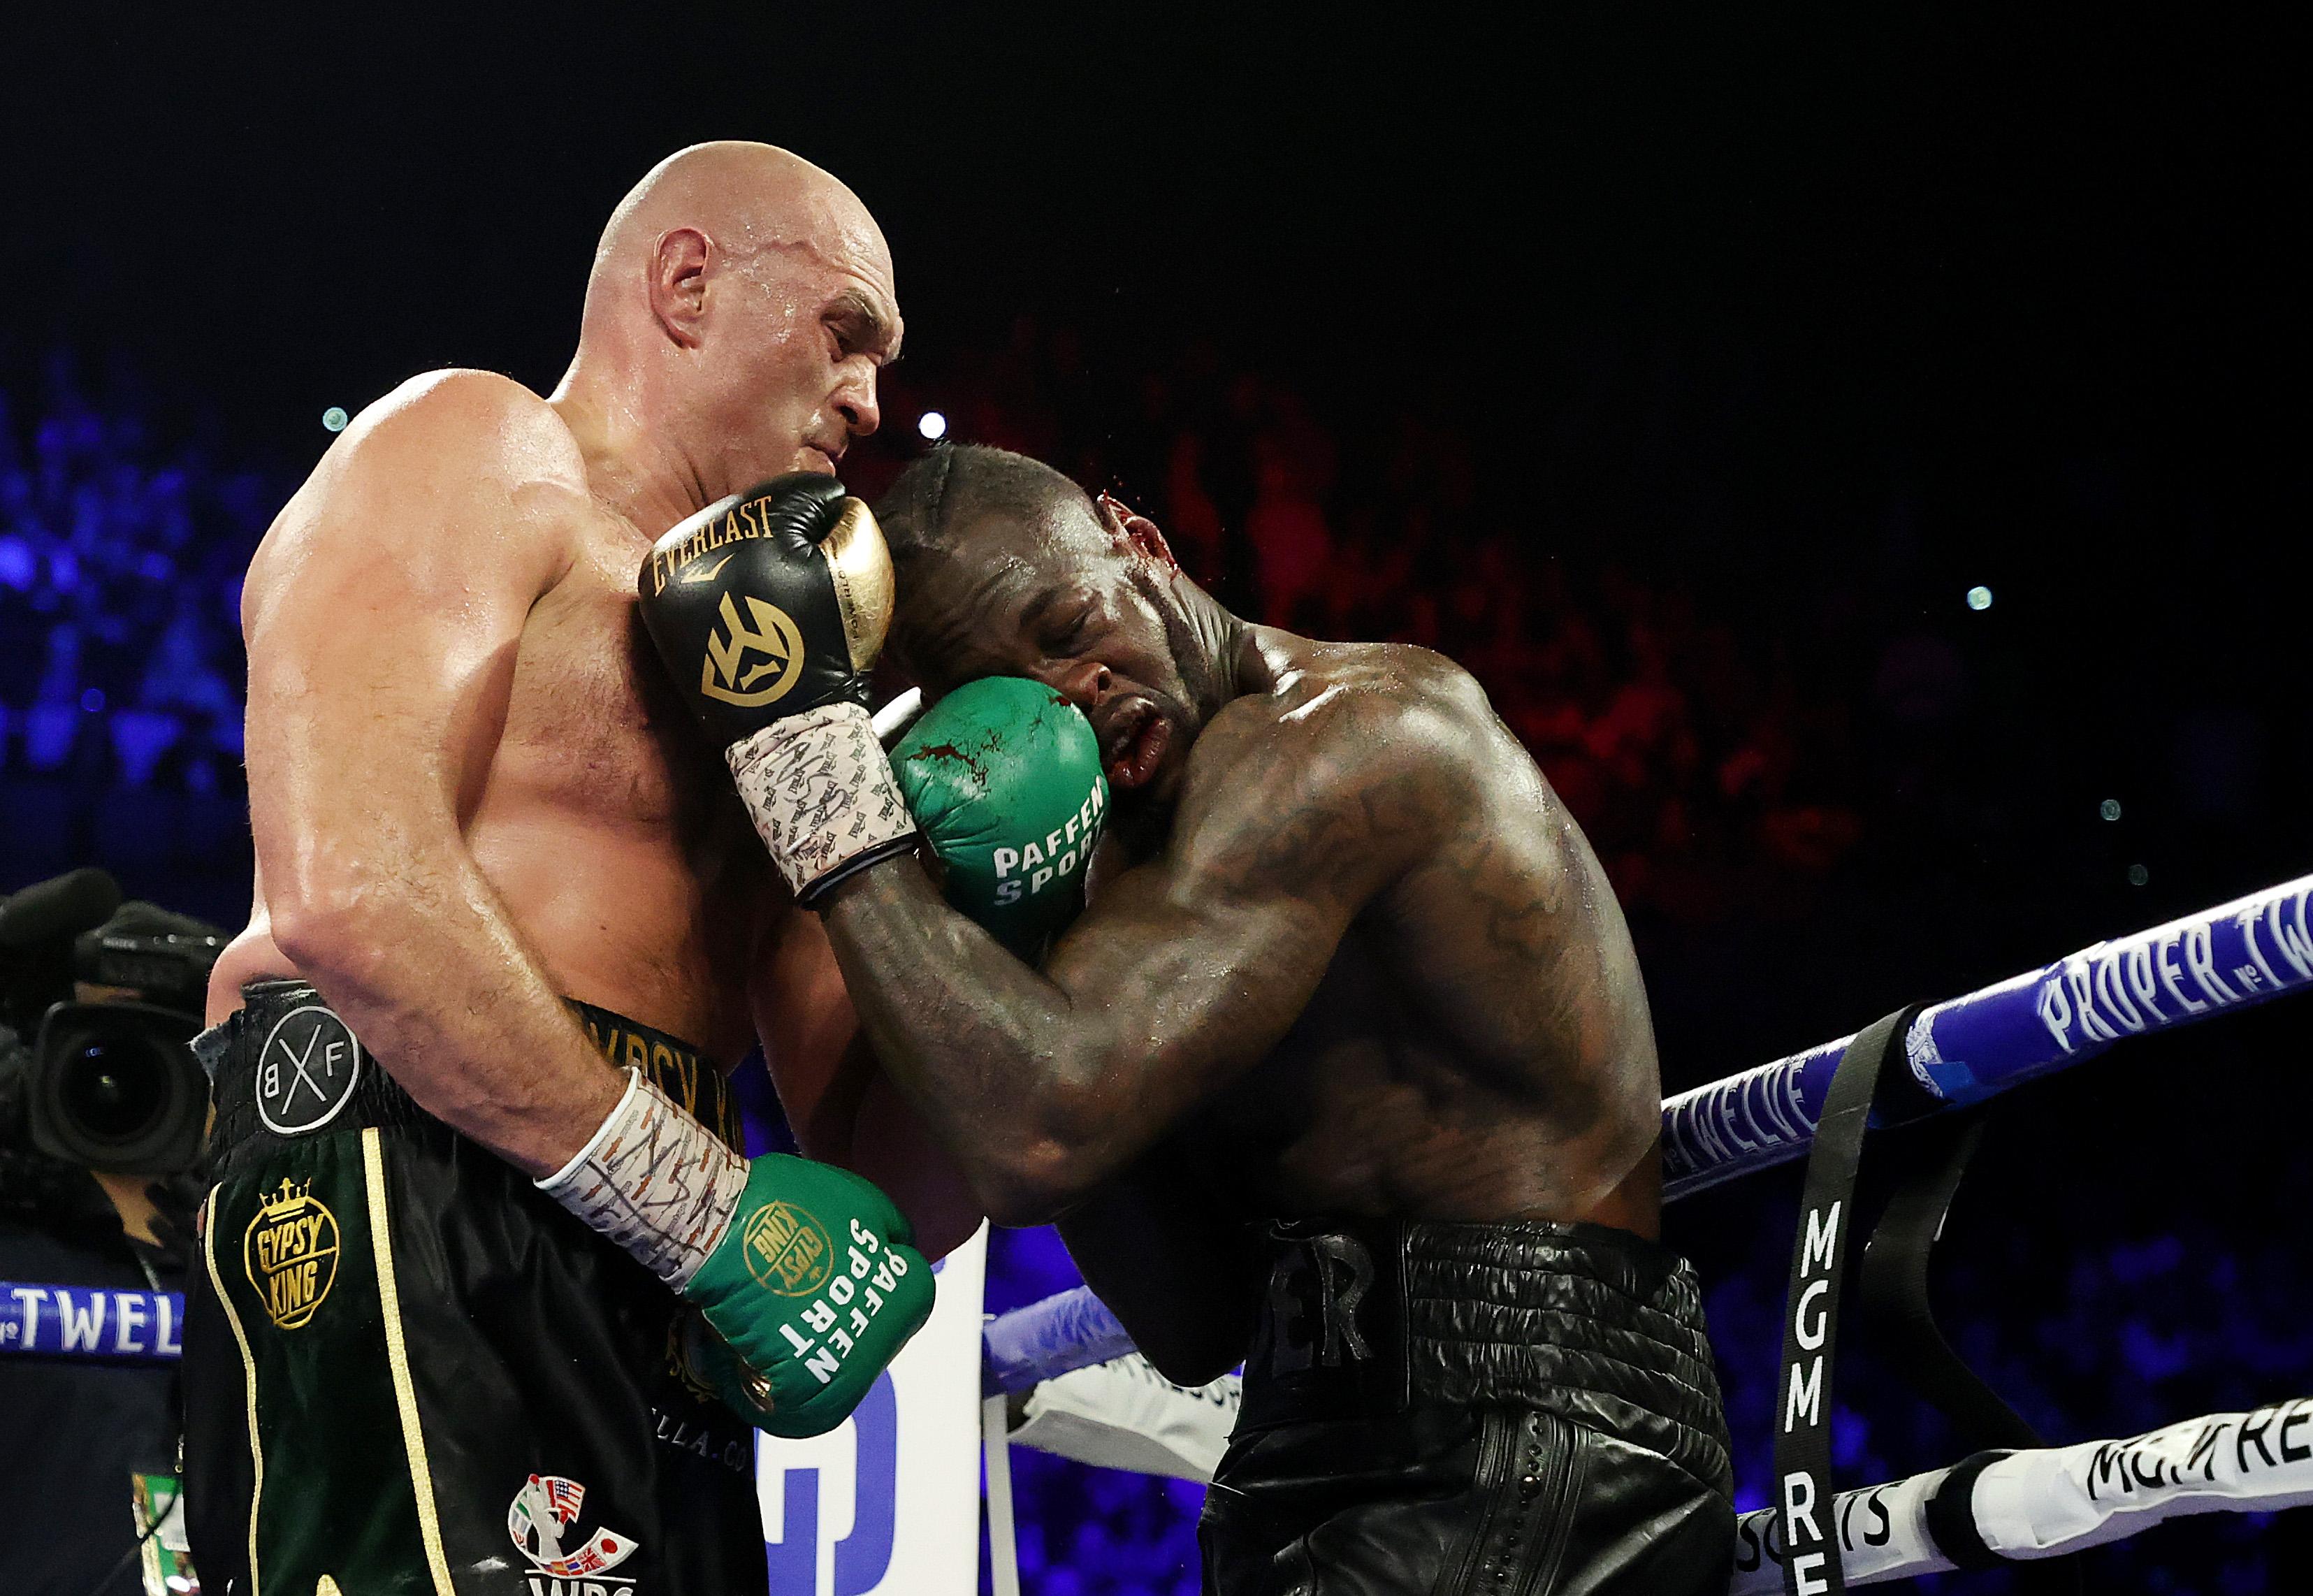 Watch Deontay Wilder vs Tyson Fury 2 in full here.